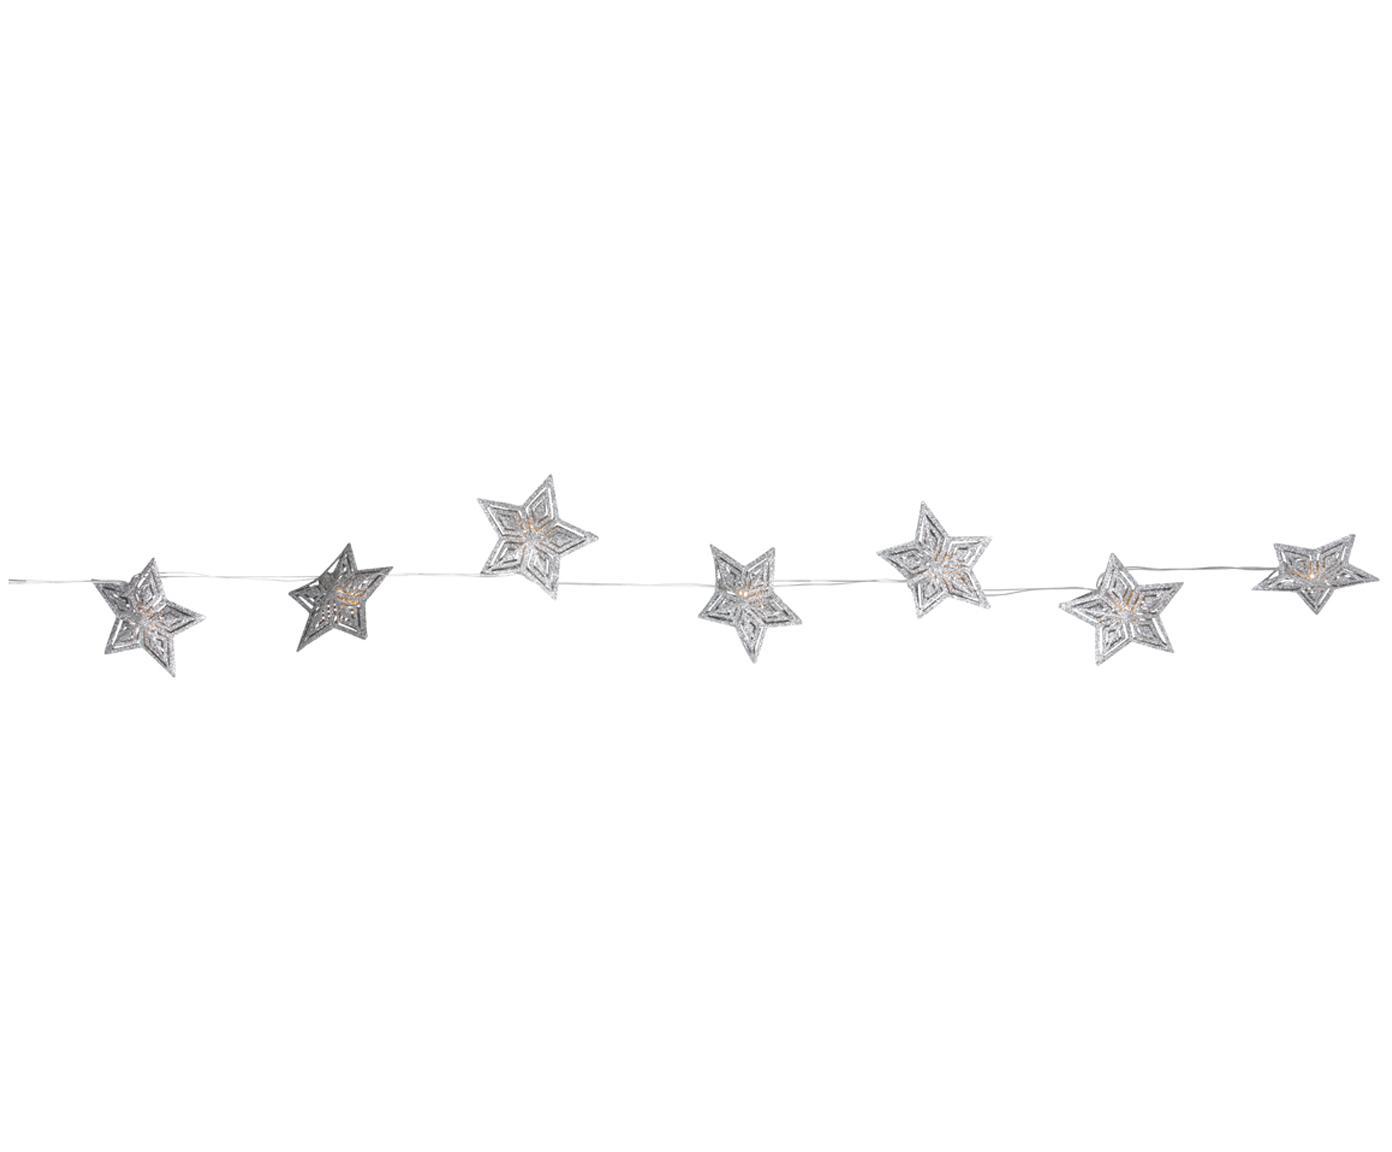 LED Lichterkette Aurora, Metall, Silberfarben, L 235 cm